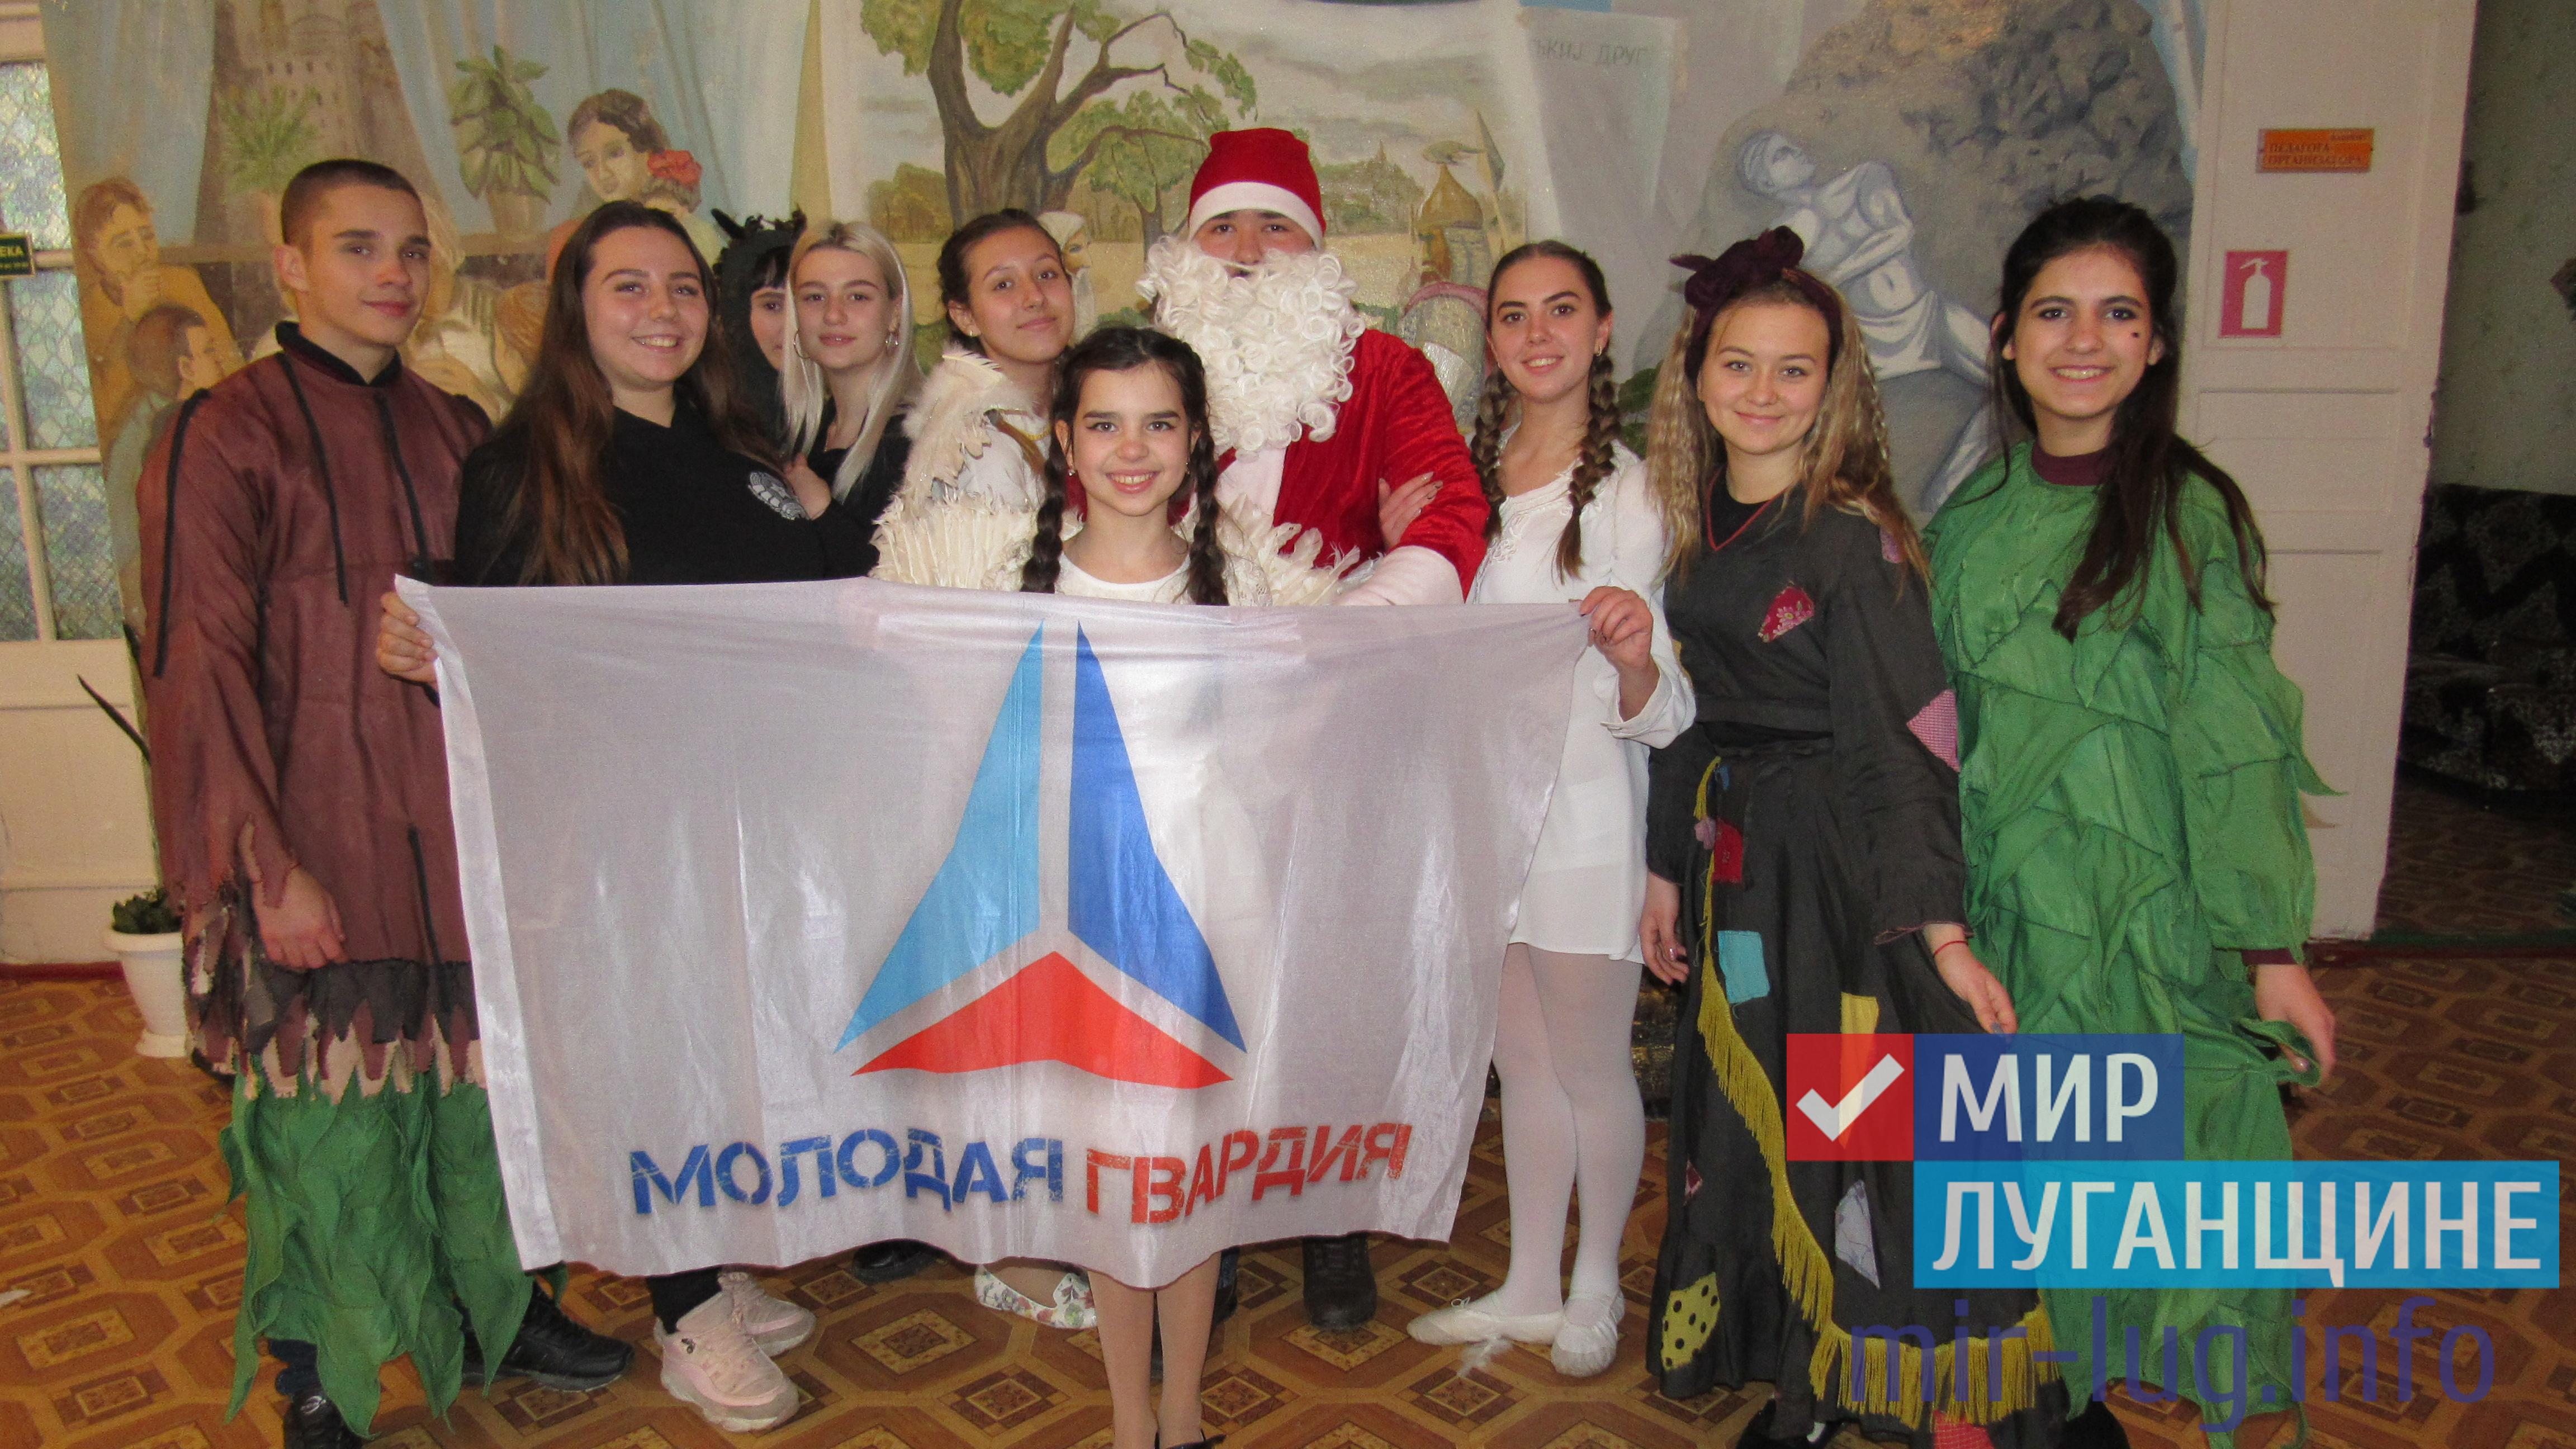 Молодежь Стаханова поздравила детей-воспитанников социальных учреждений с днем Святого Николая 1